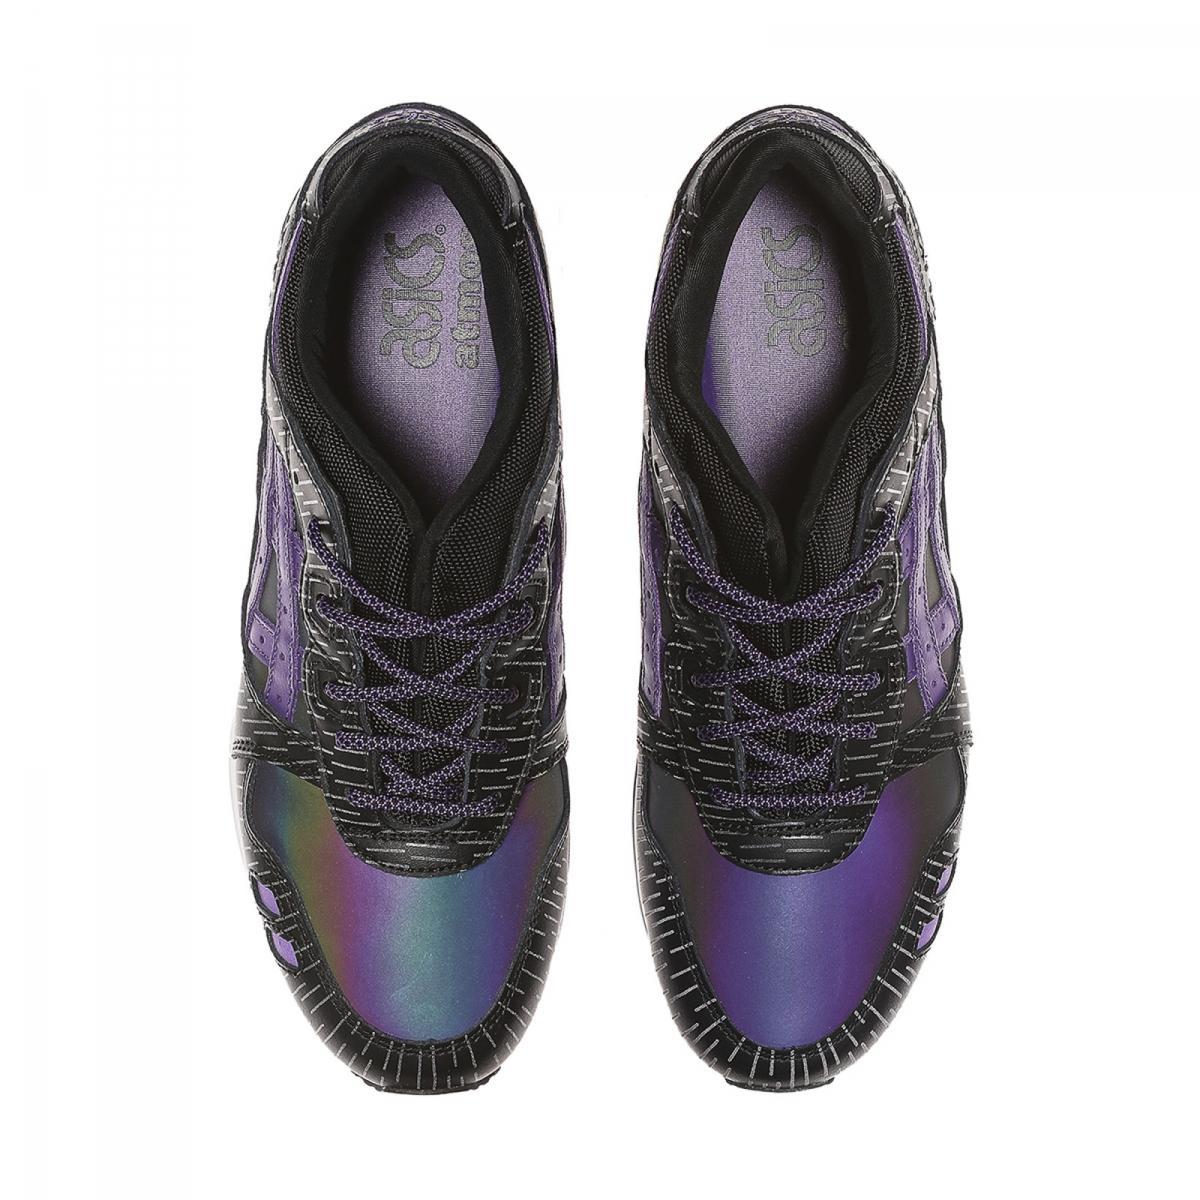 Aiscs Shoes Women